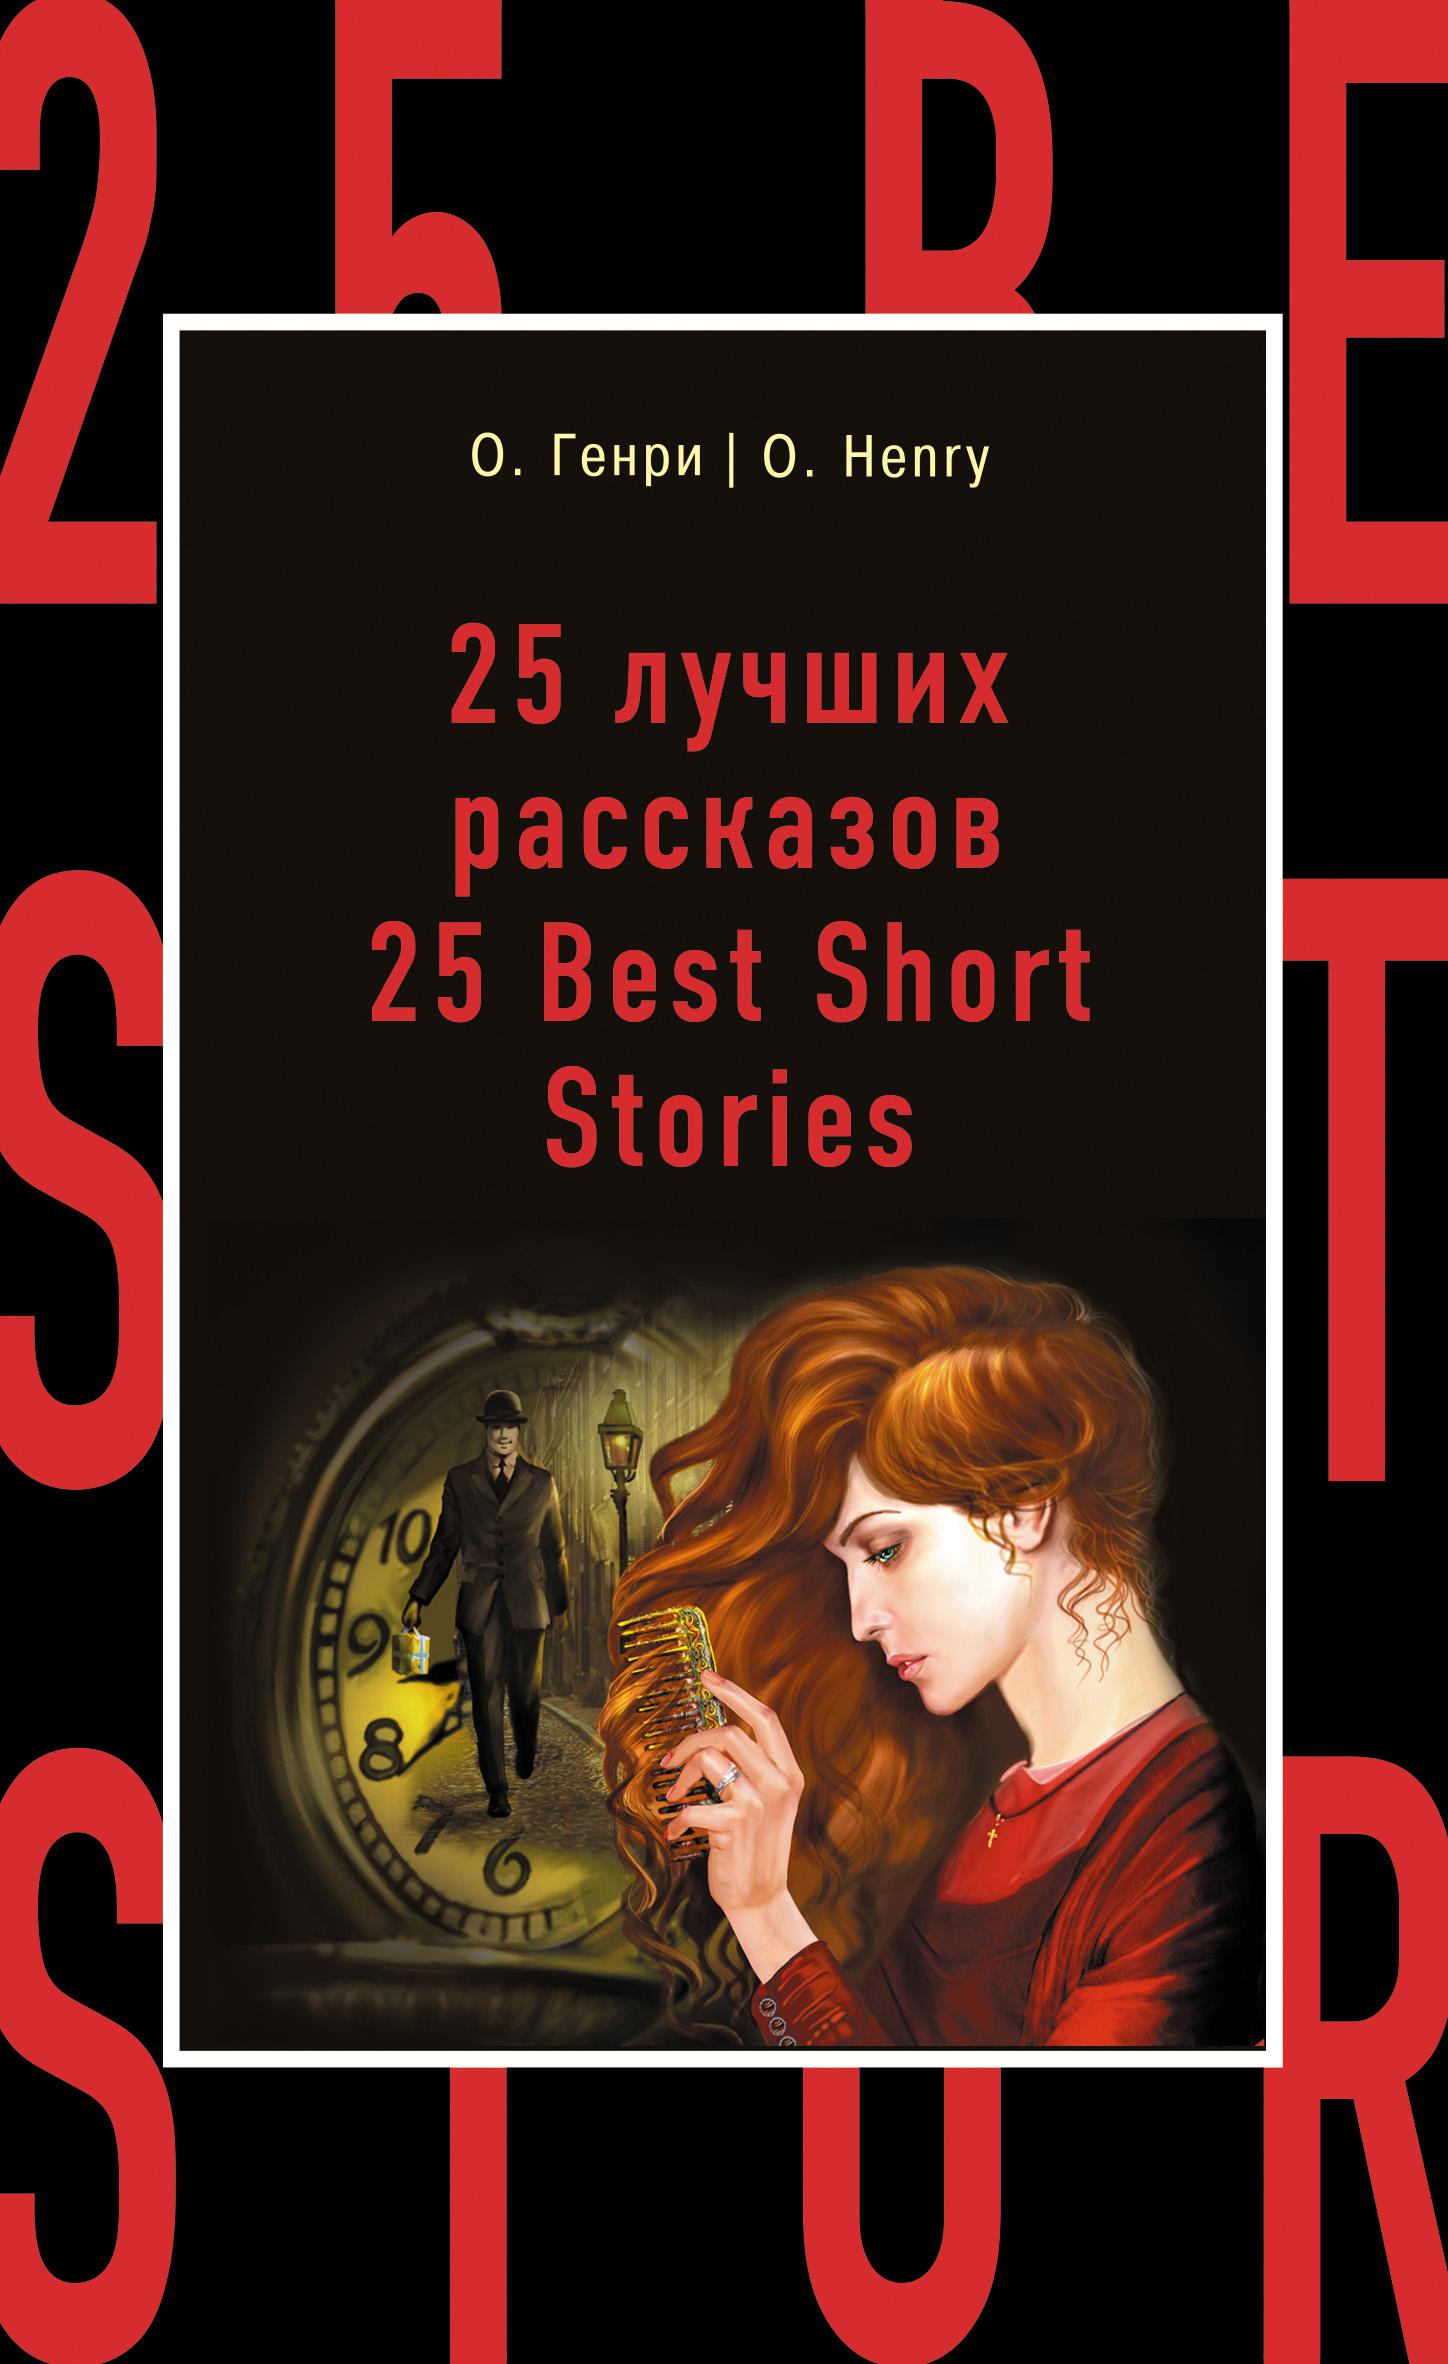 О. Генри 25 лучших рассказов / 25 Best Short Stories о генри 25 лучших рассказов 25 best short stories